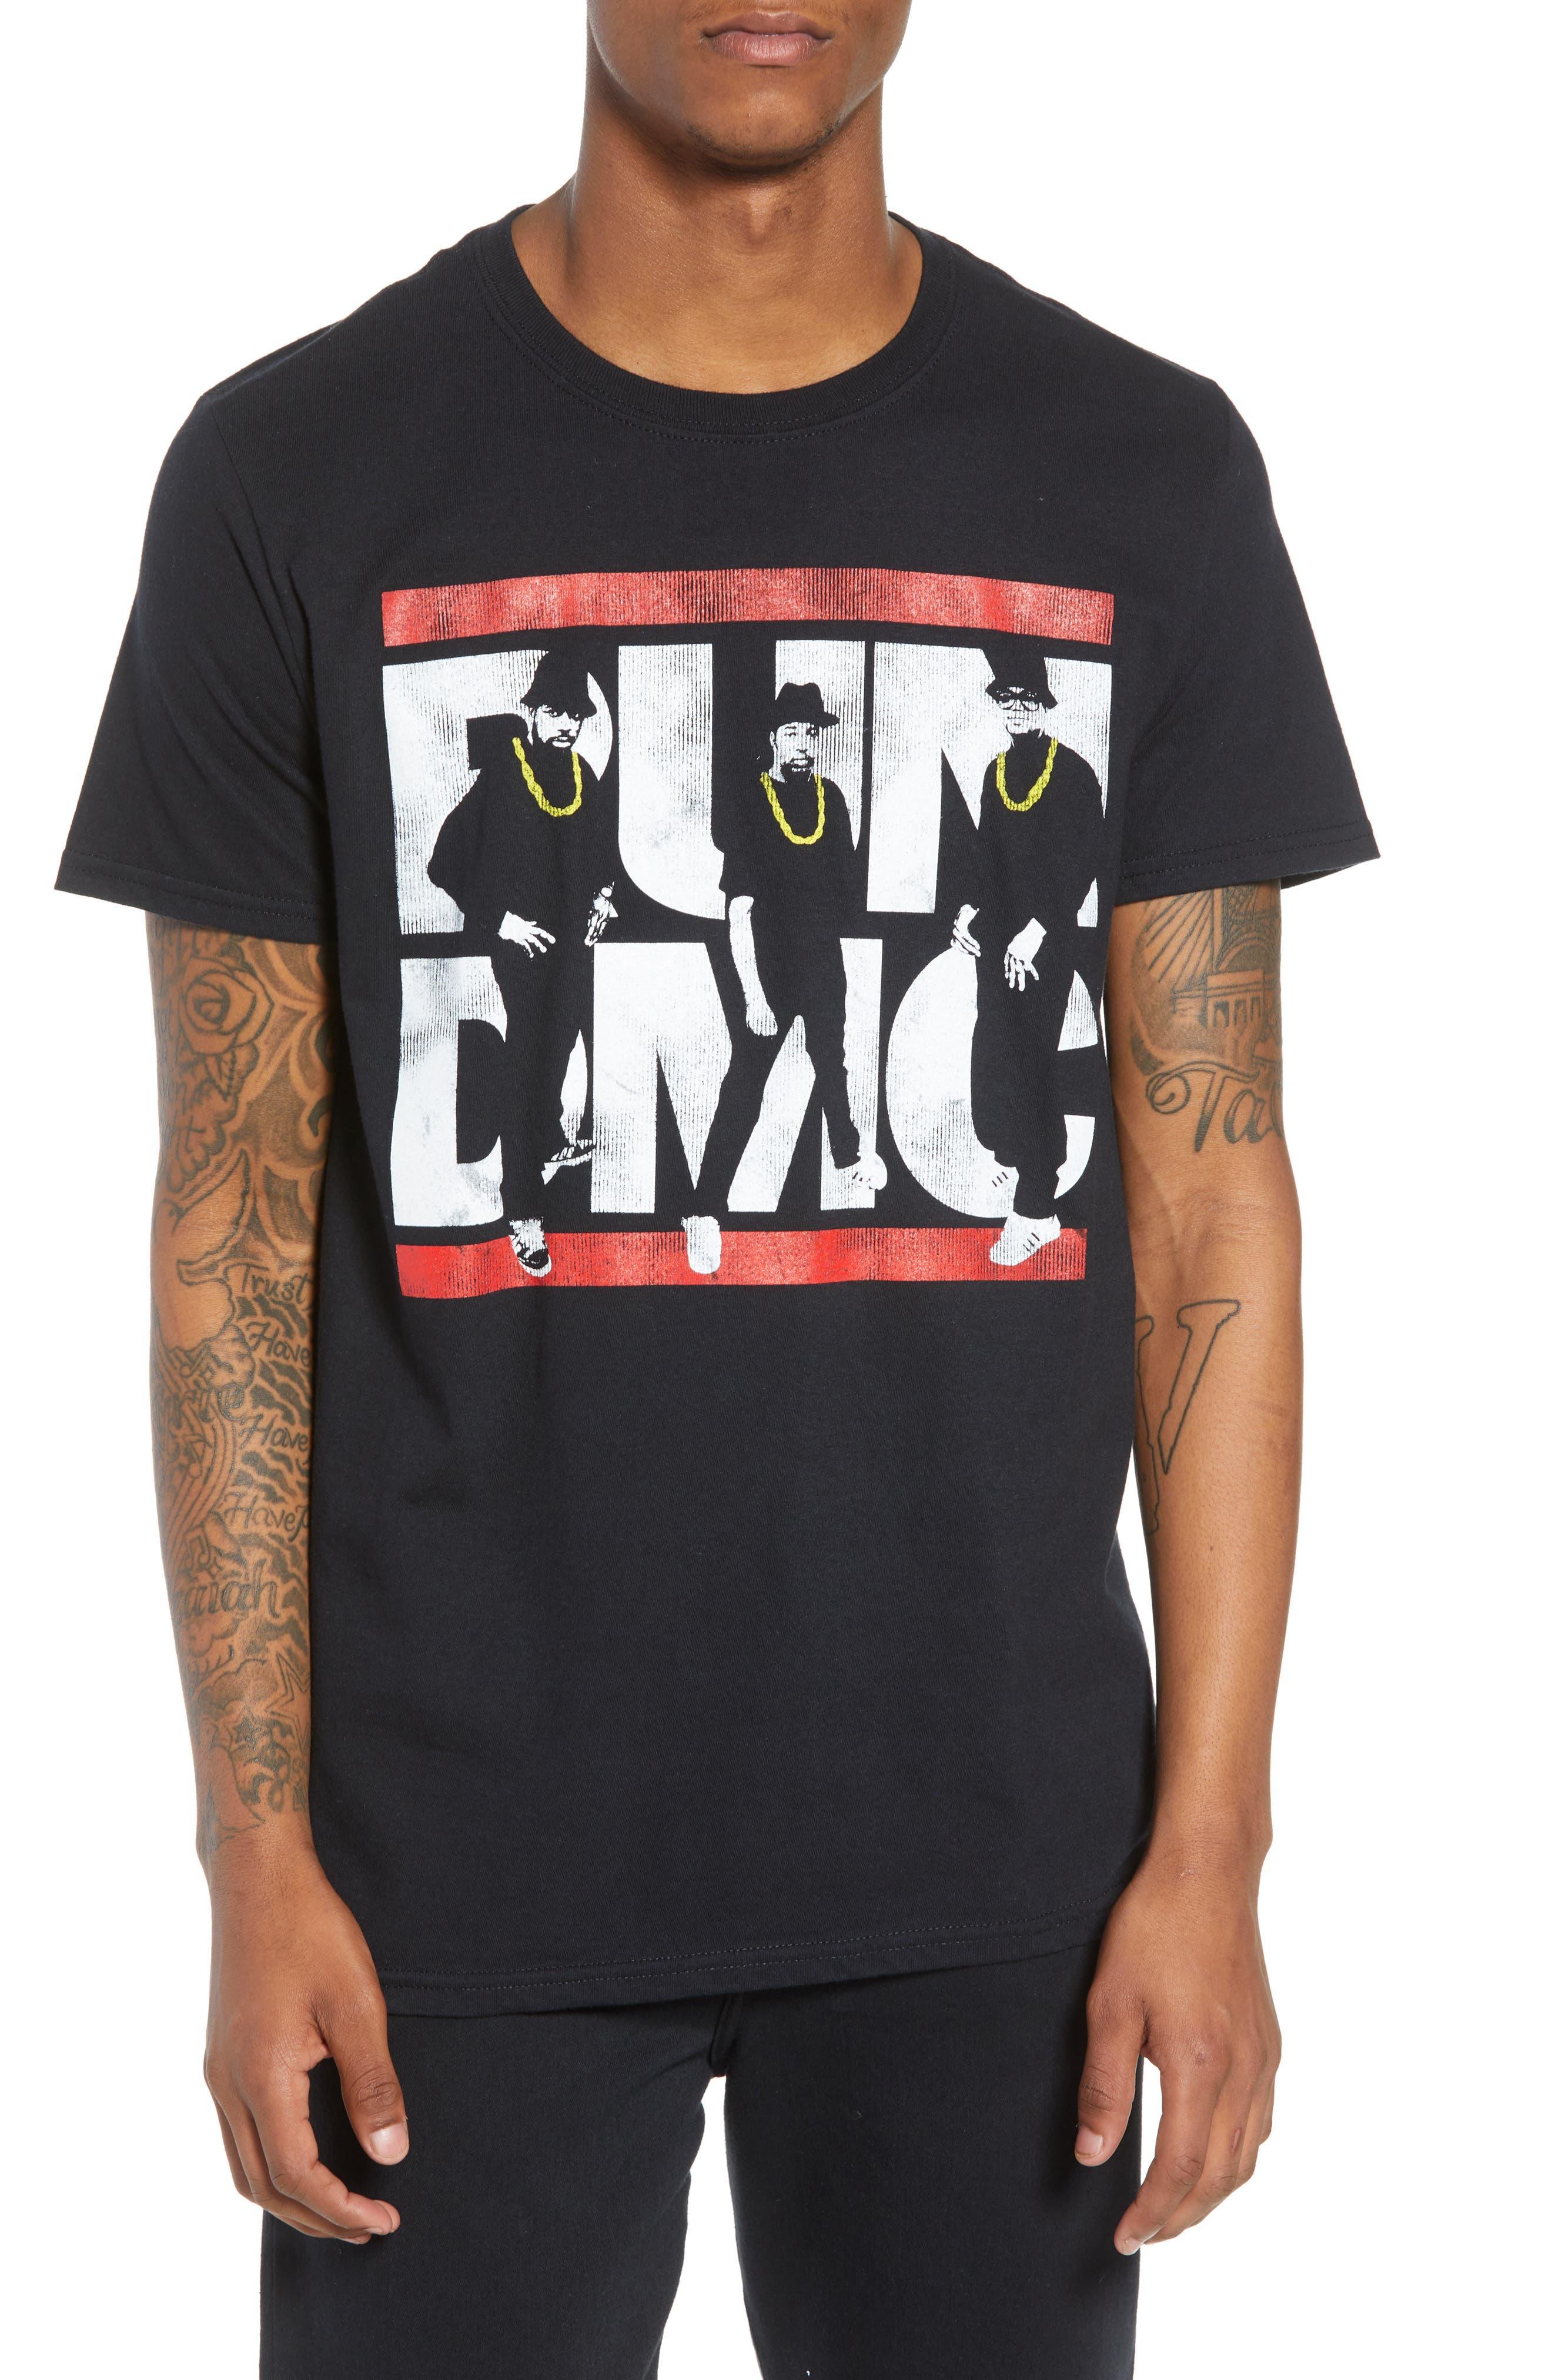 The Rail Run-DMC T-Shirt